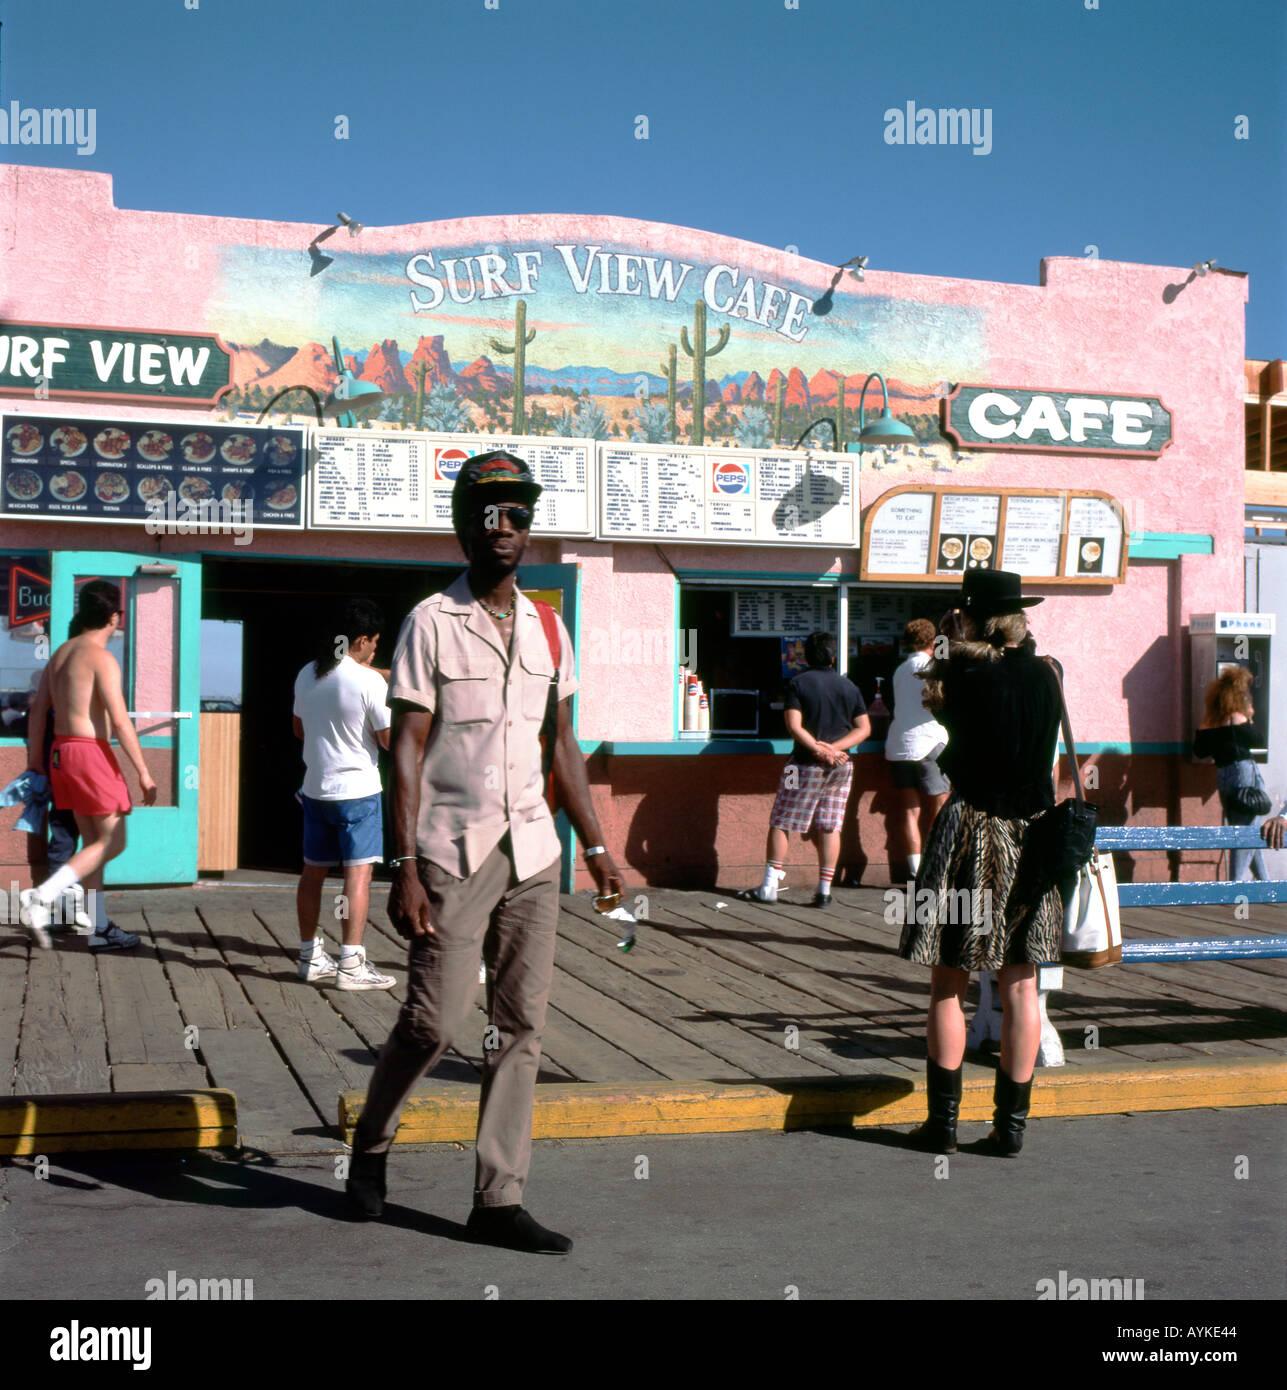 Archivierung Foto von Menschen auf der Promenade ausserhalb der Surf View Cafe Santa Monica Pier in Los Angeles, Kalifornien, USA 1990 KATHY DEWITT Stockbild